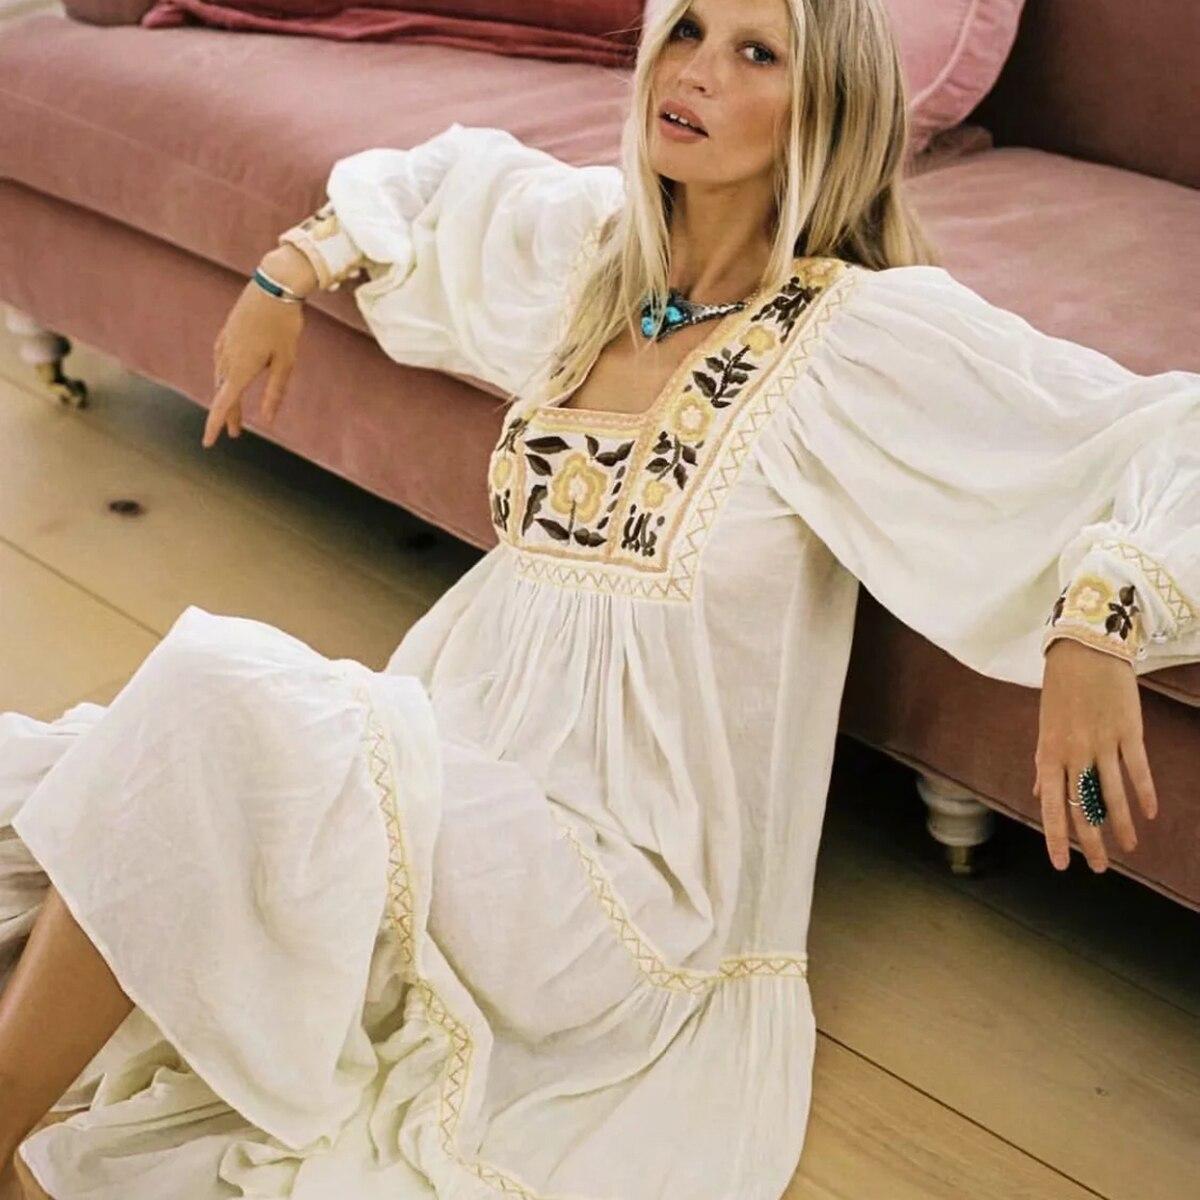 Floral bordado branco maxi vestido de verão roupas femininas 2019 manga longa gola quadrada vestidos sexy boho praia hippie vestido longo